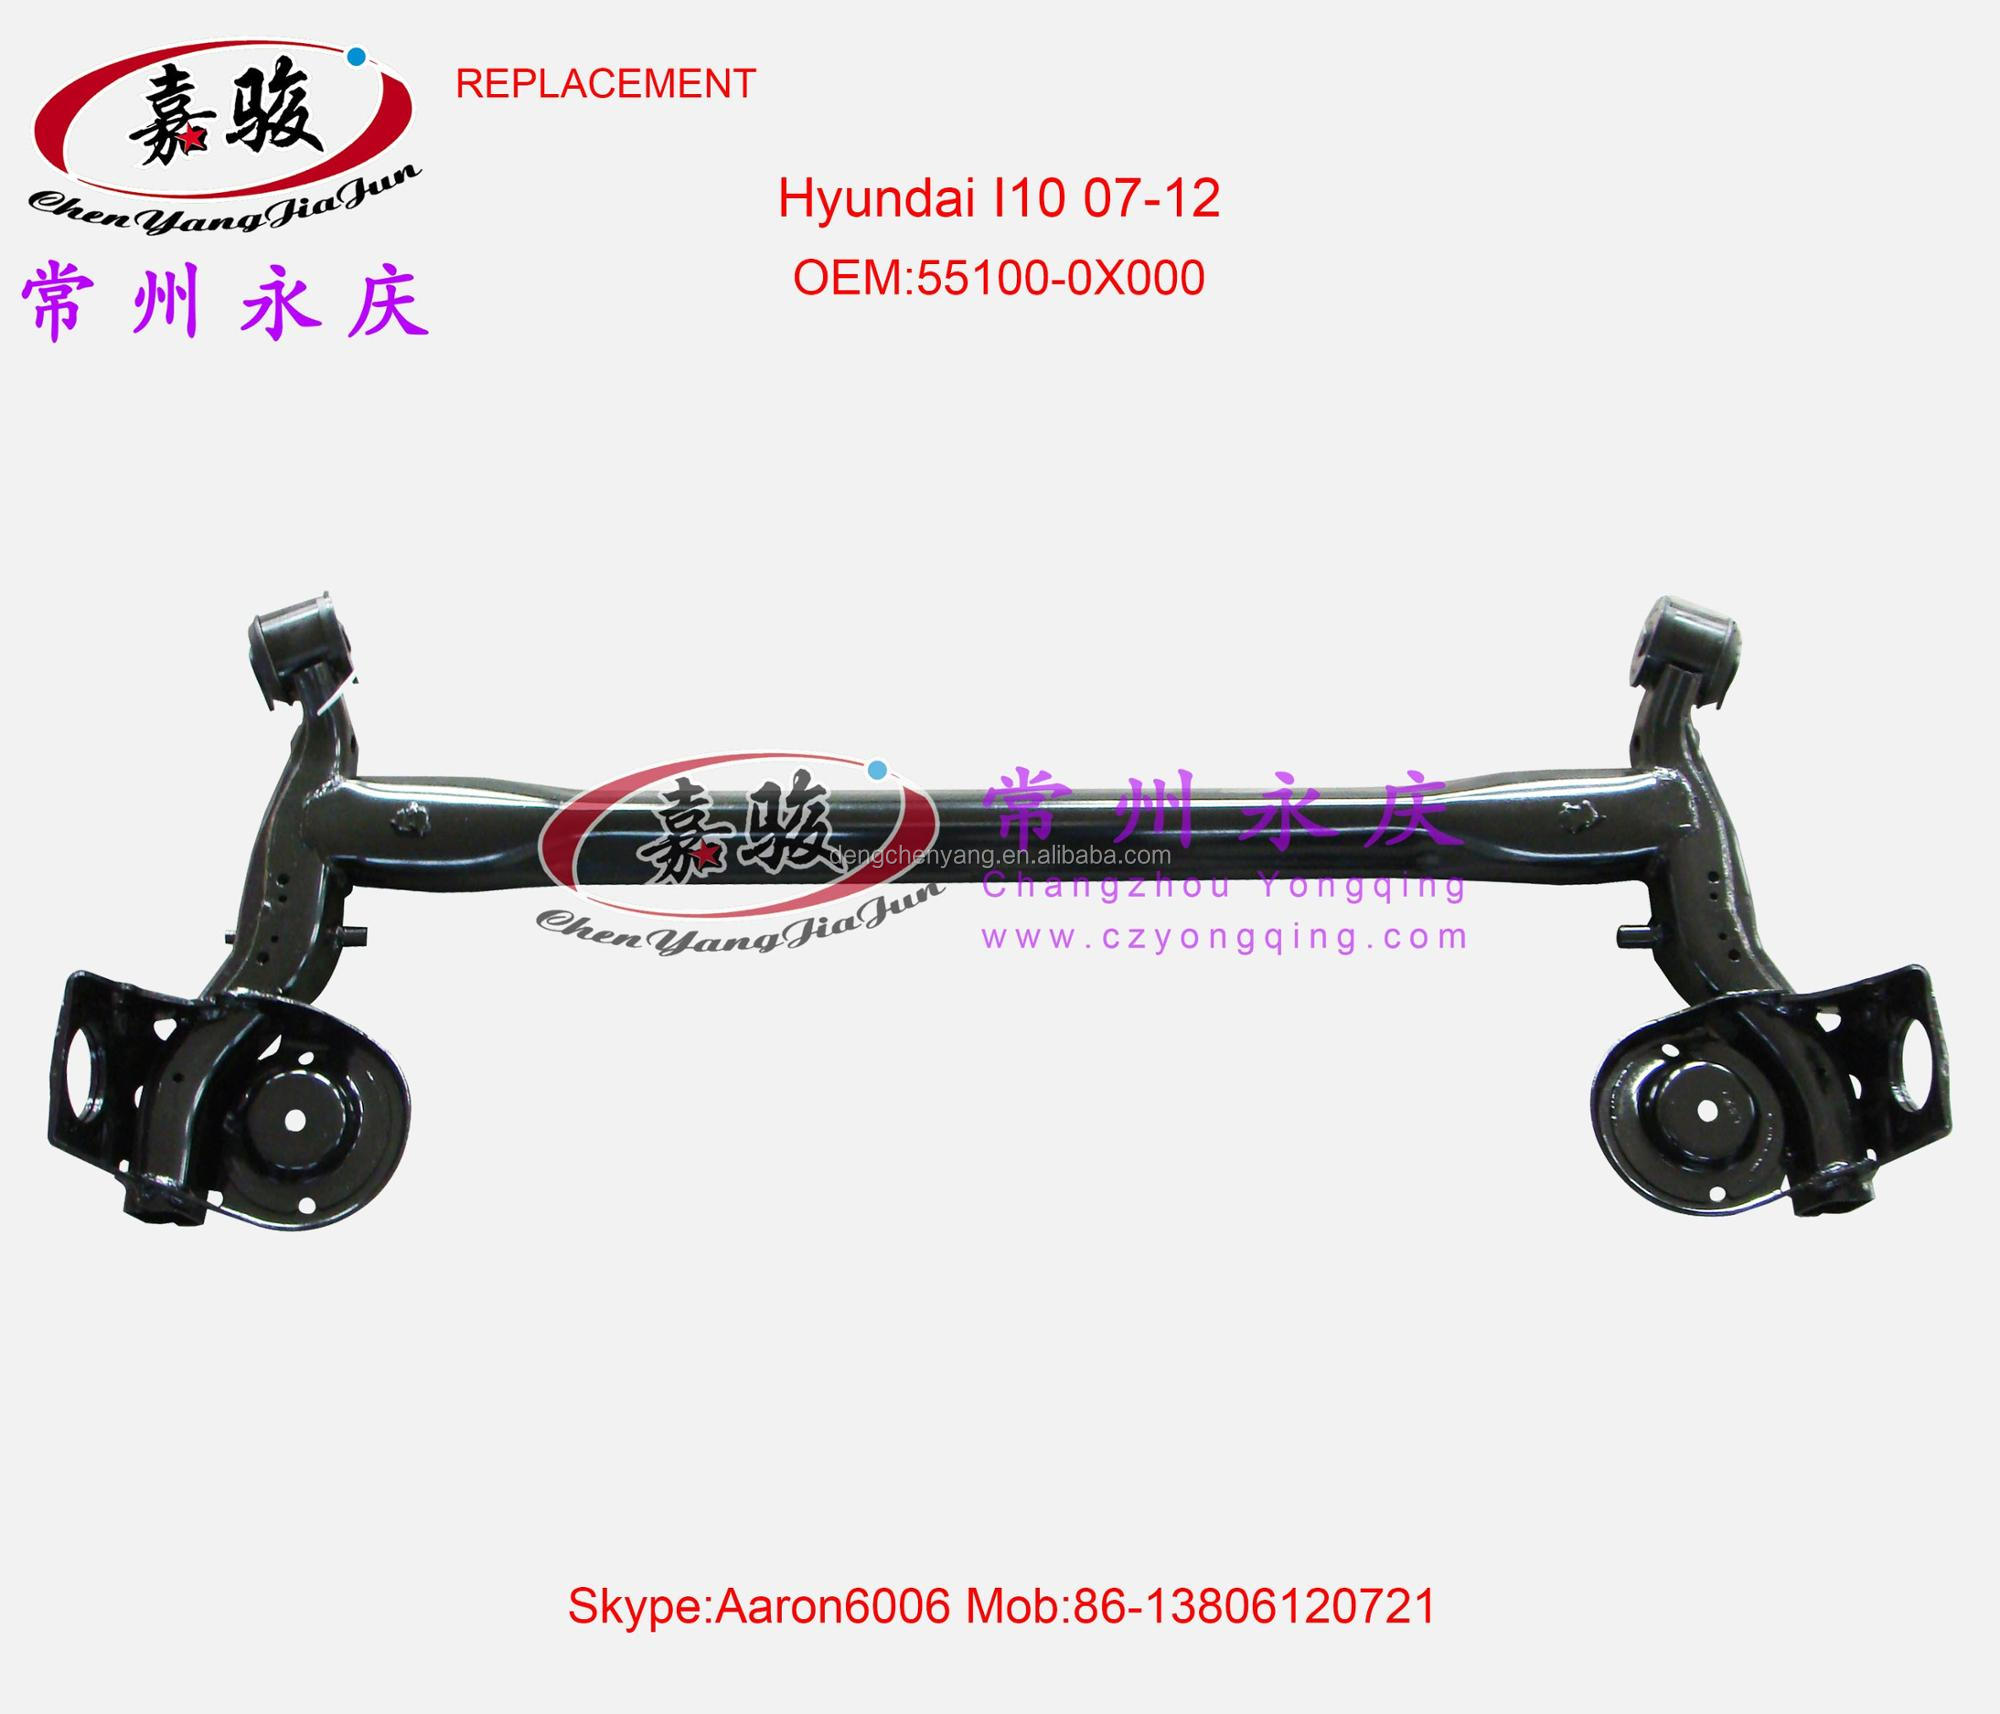 Genuine Hyundai 82401-24200 Window Regulator Assembly